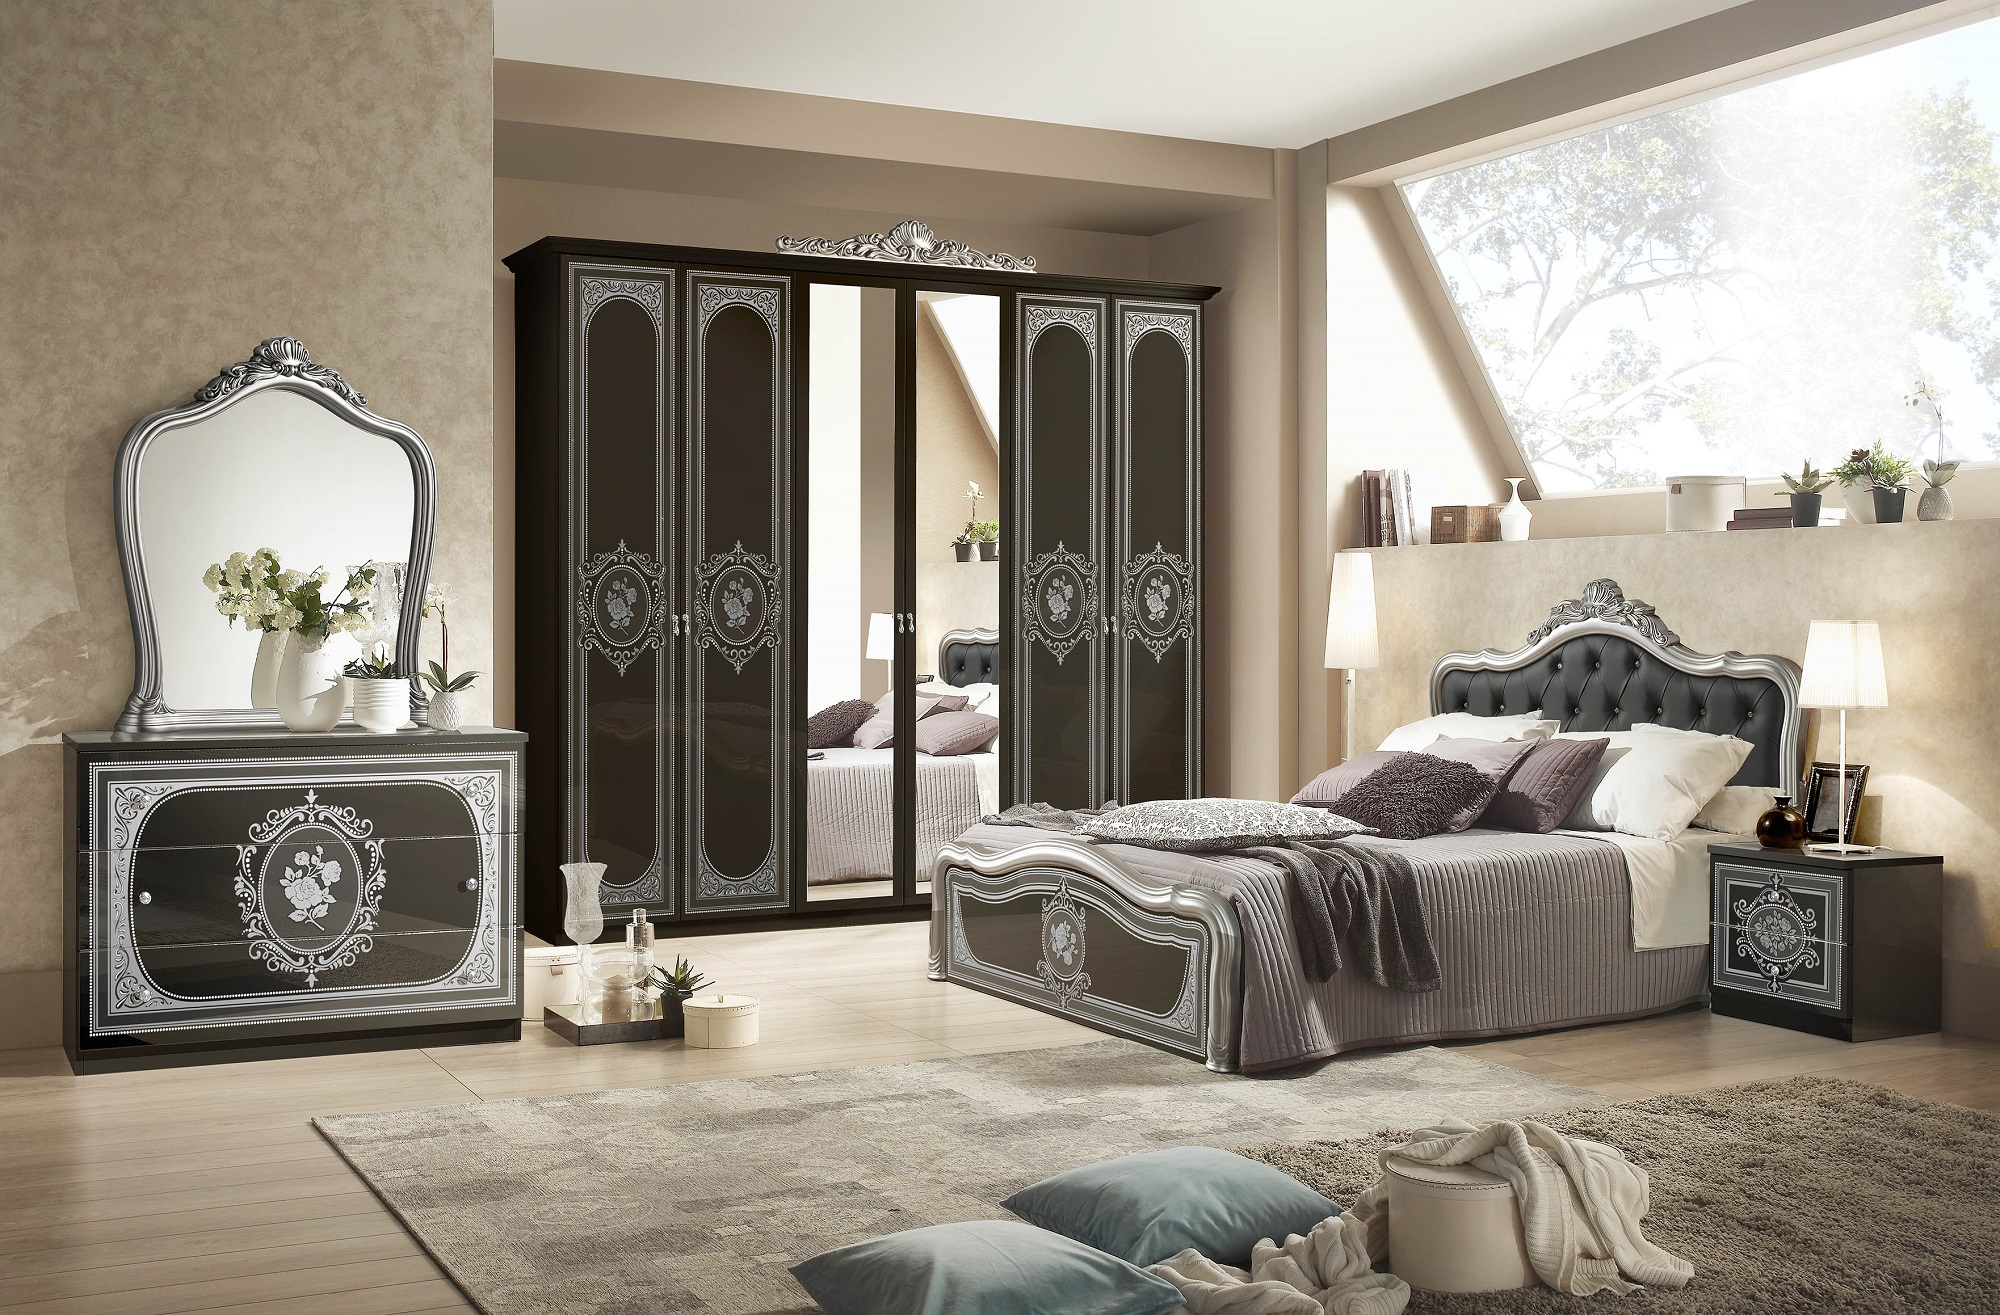 ... Schlafzimmer Alice In Creme Beige Barock Polsterung 160x200cm 4t